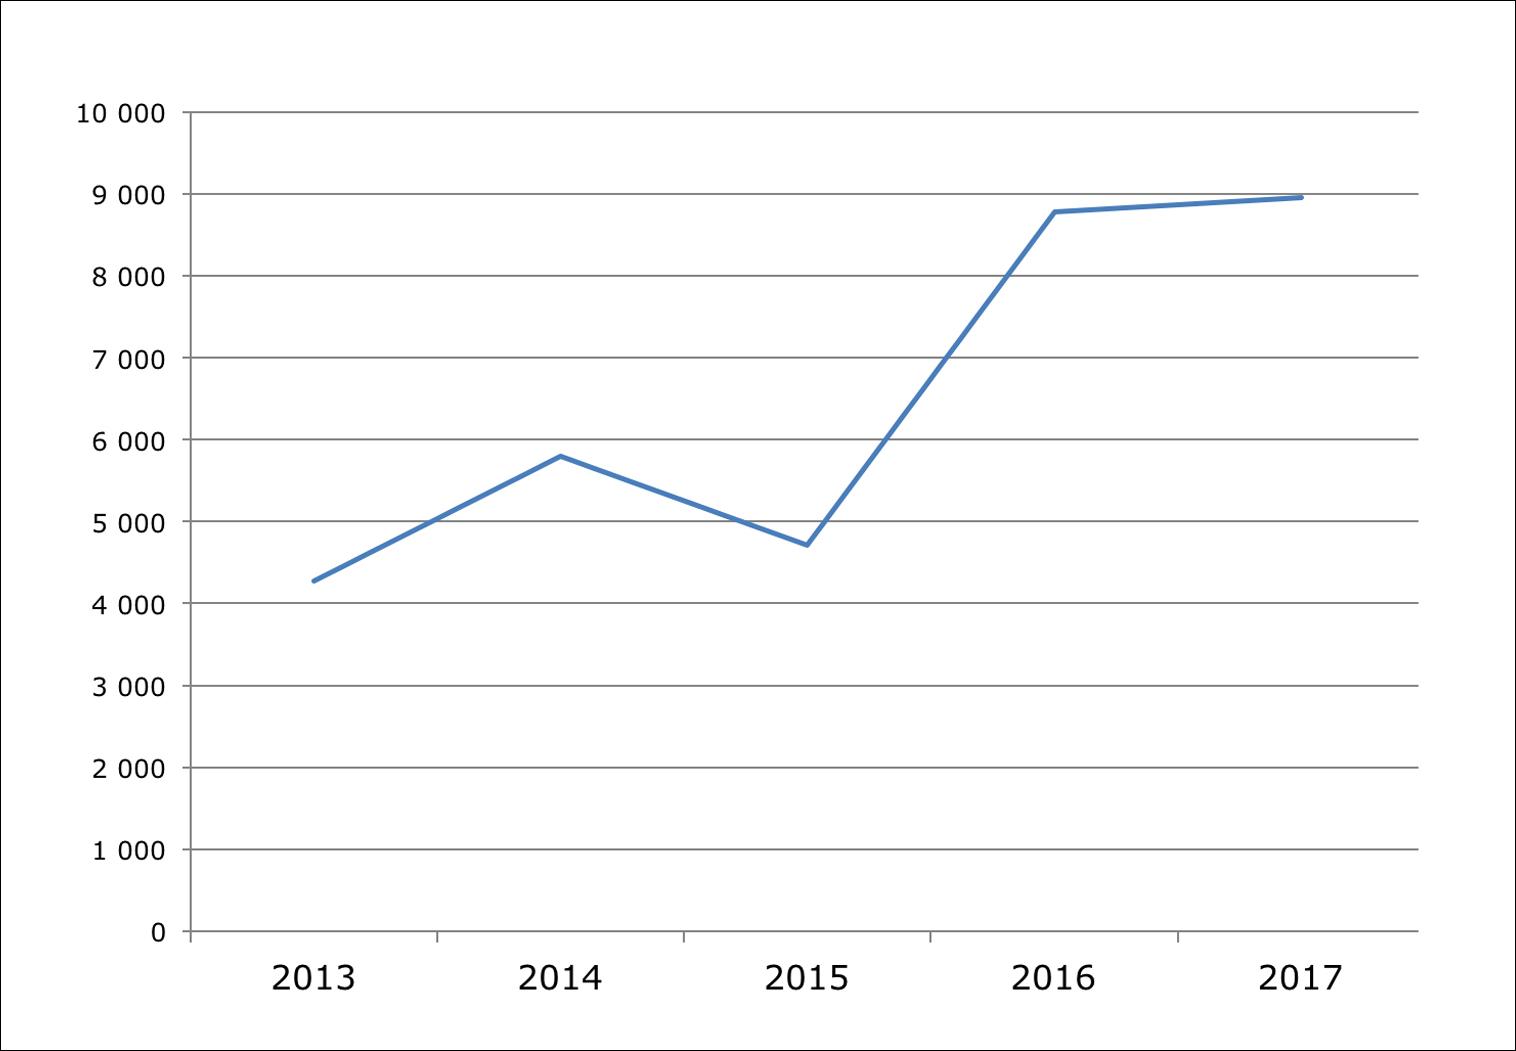 Graf som viser utvikling av statistikk for MTR siste 5 år